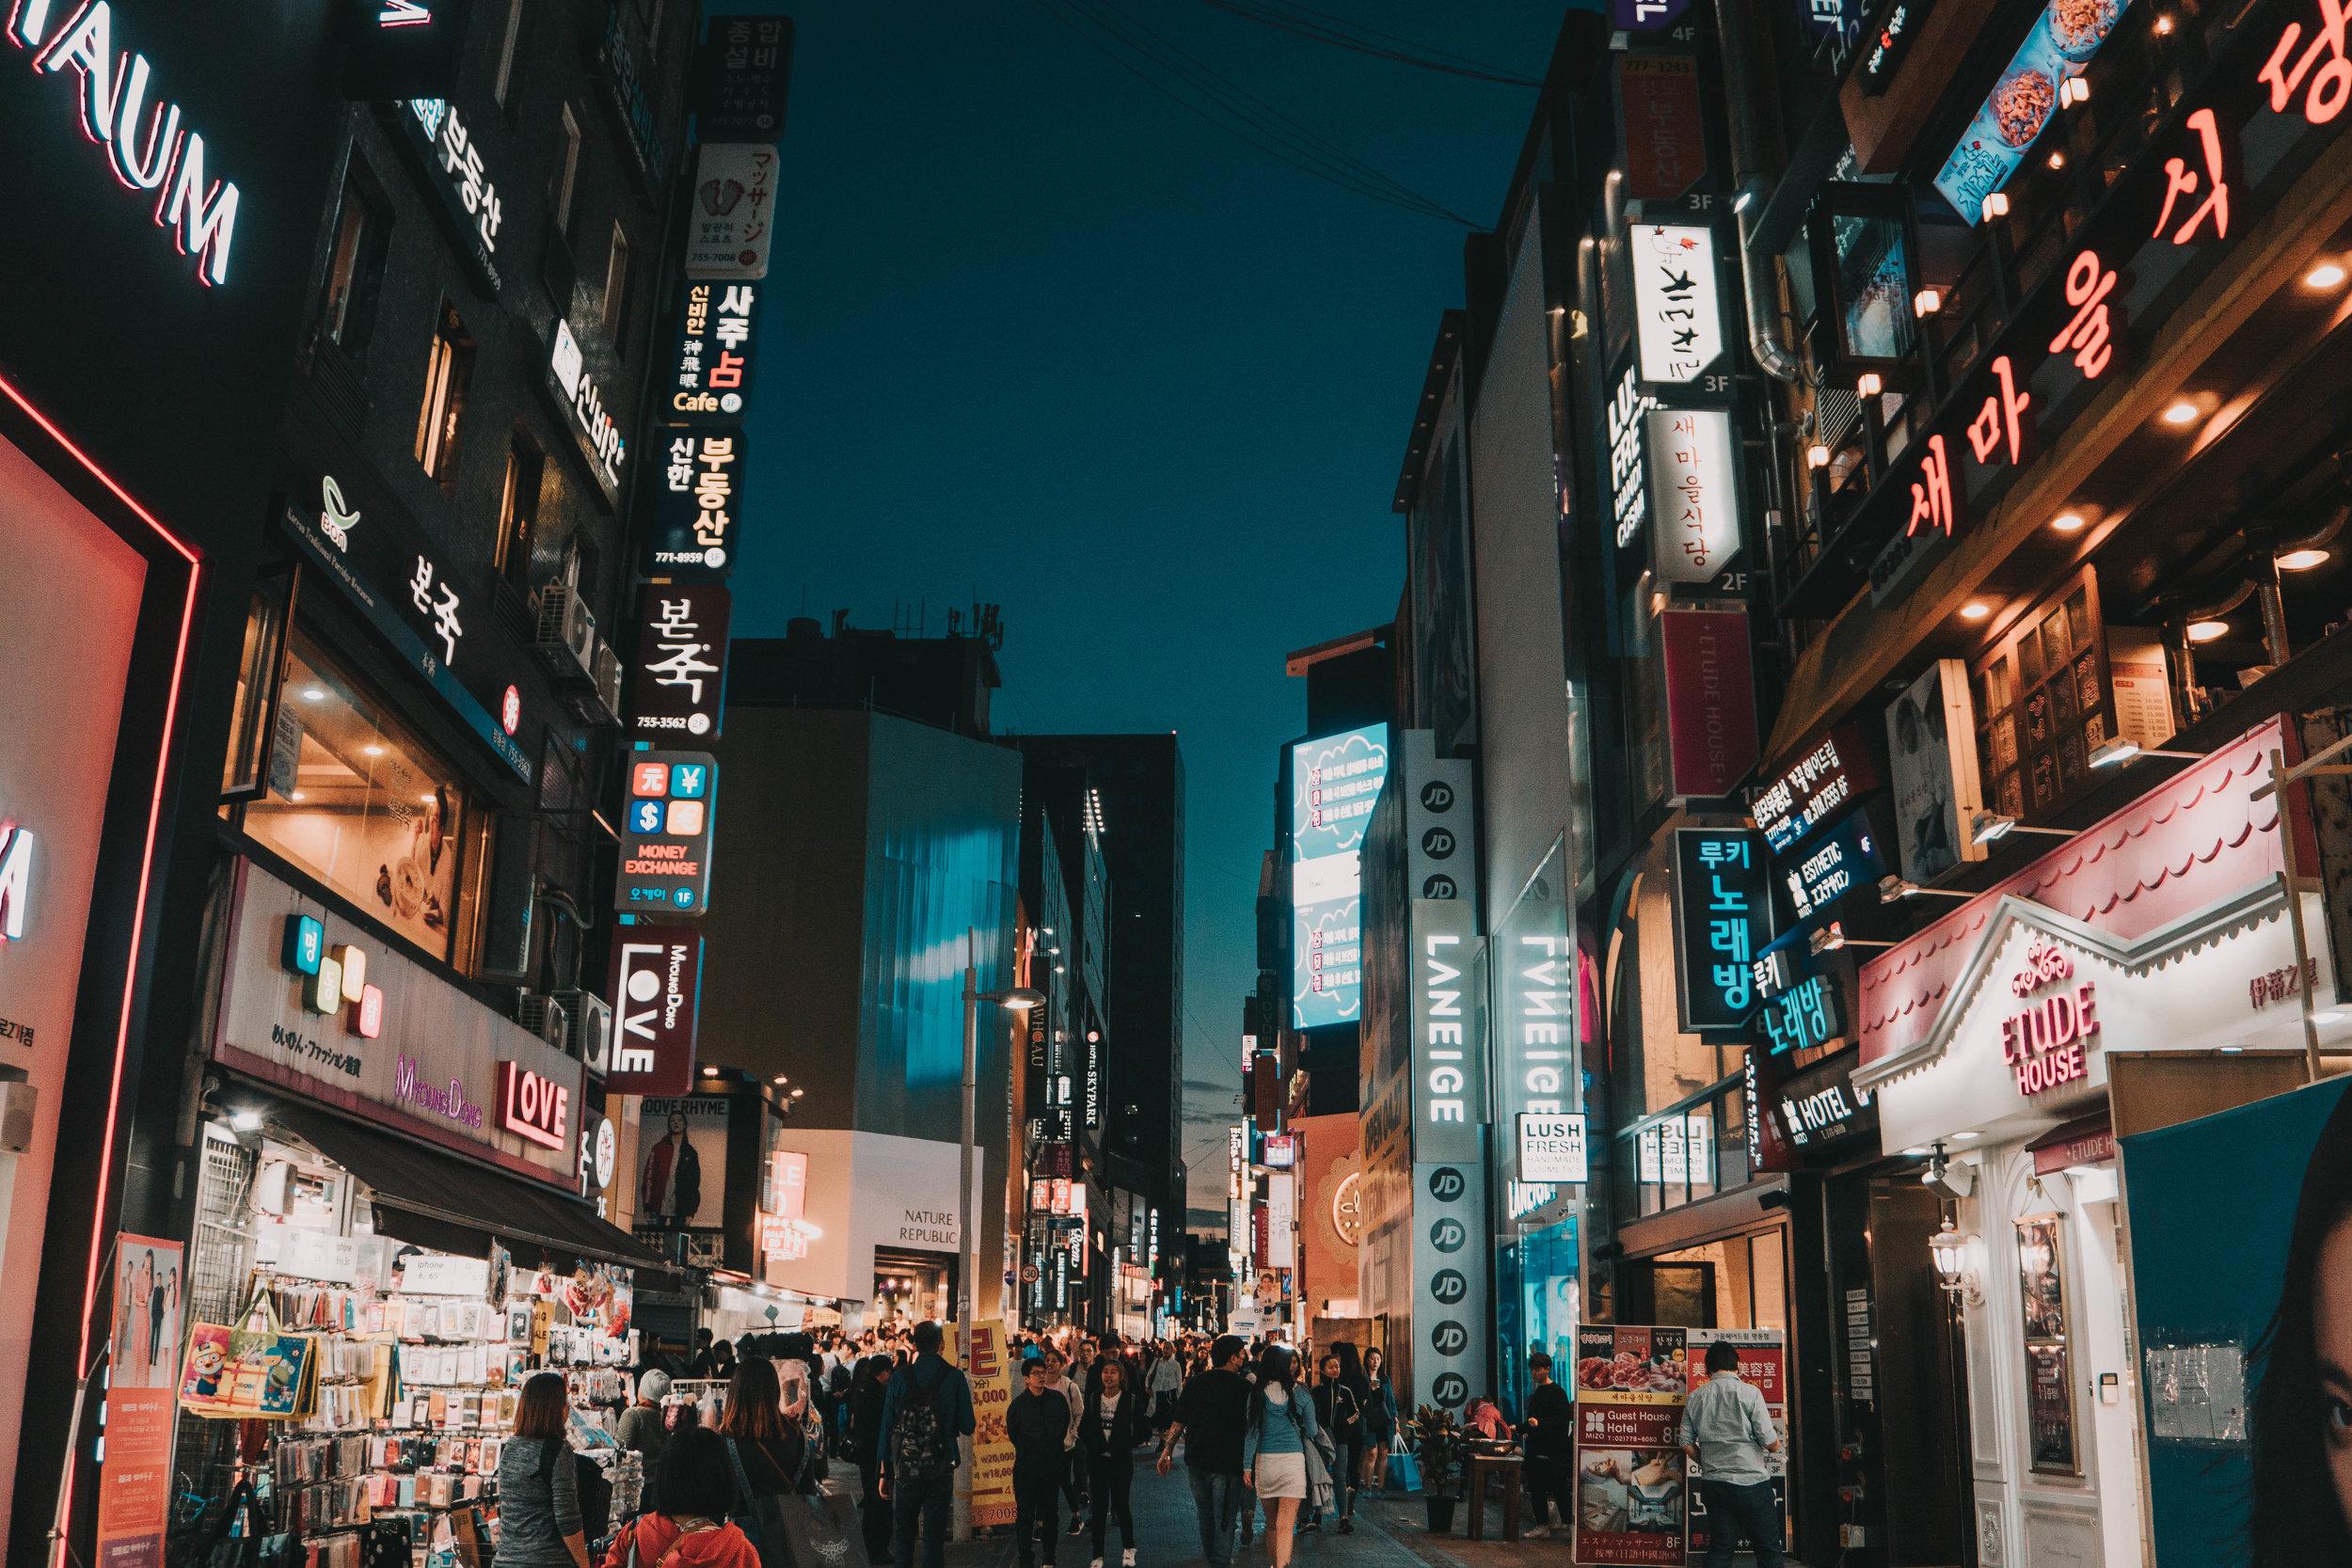 - تعد كوريا الجنوبية في المرتبة الثالثة عشر في ترتيب أهم الوجهات السياحية في العالم، و يزور كوريا سنويا حوالي 14 ملايين سائح لجمالها وطبيعتها الخلابة. ويوجد في كوريا الكثير من المناطق الطبيعية والأثرية والجزر الخلابة والأسواق الشعبية والحضرية والعالمية . وتقوم هيا كوريا بتنظيم الرحلات السياحية بمواسمها الأربعة مع السكن والمواصلات.